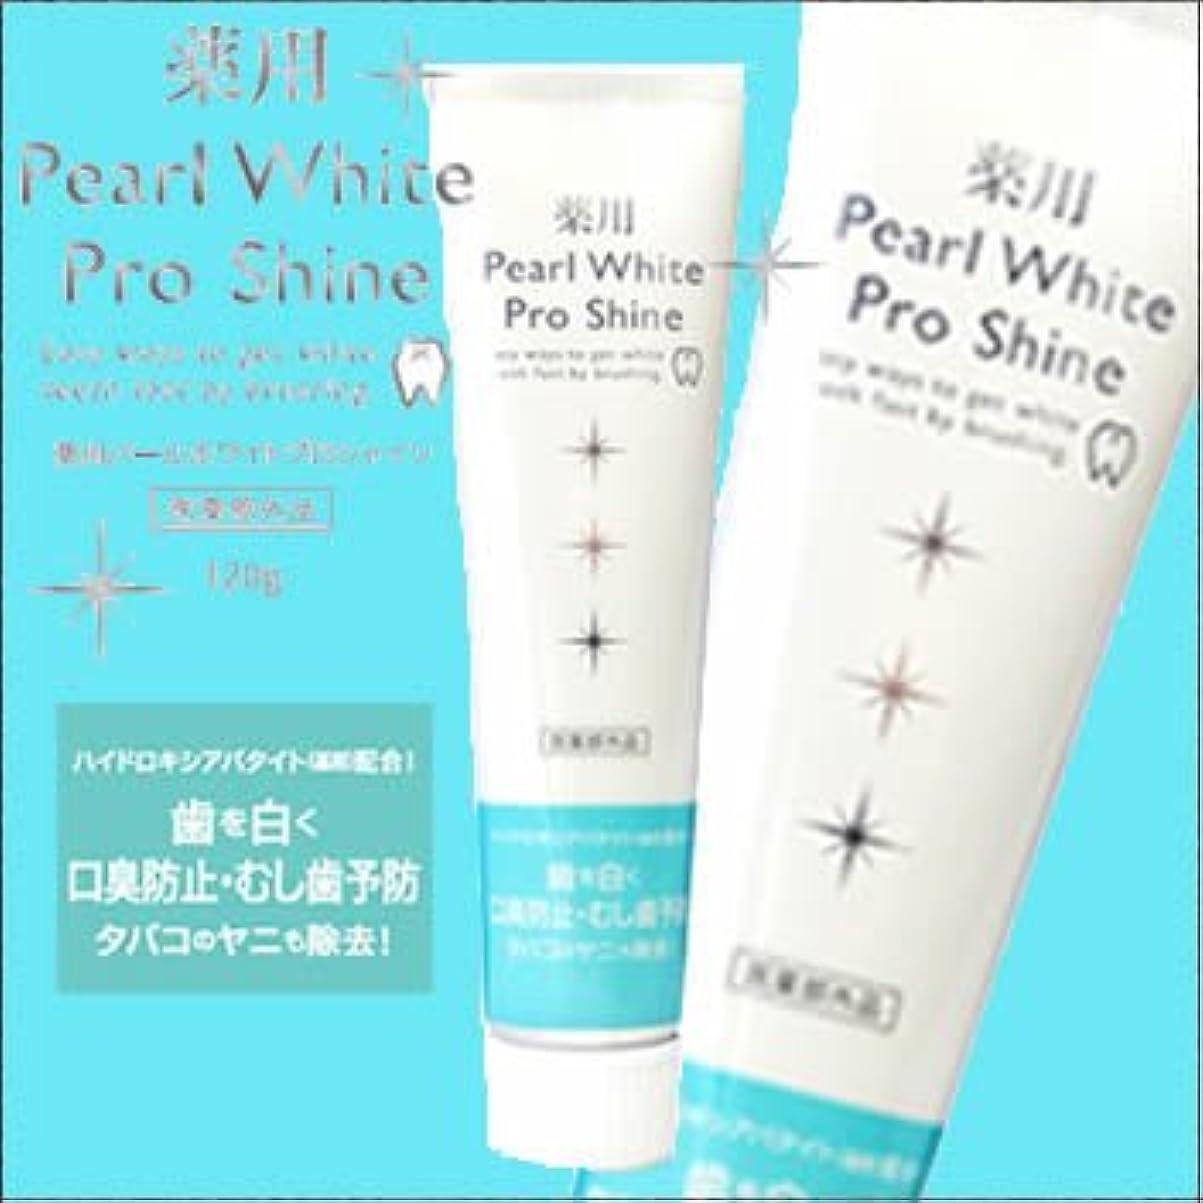 管理者安らぎ音薬用パールホワイトプロシャイン120g (口臭予防ホワイトニング専用歯磨き粉)医薬部外品